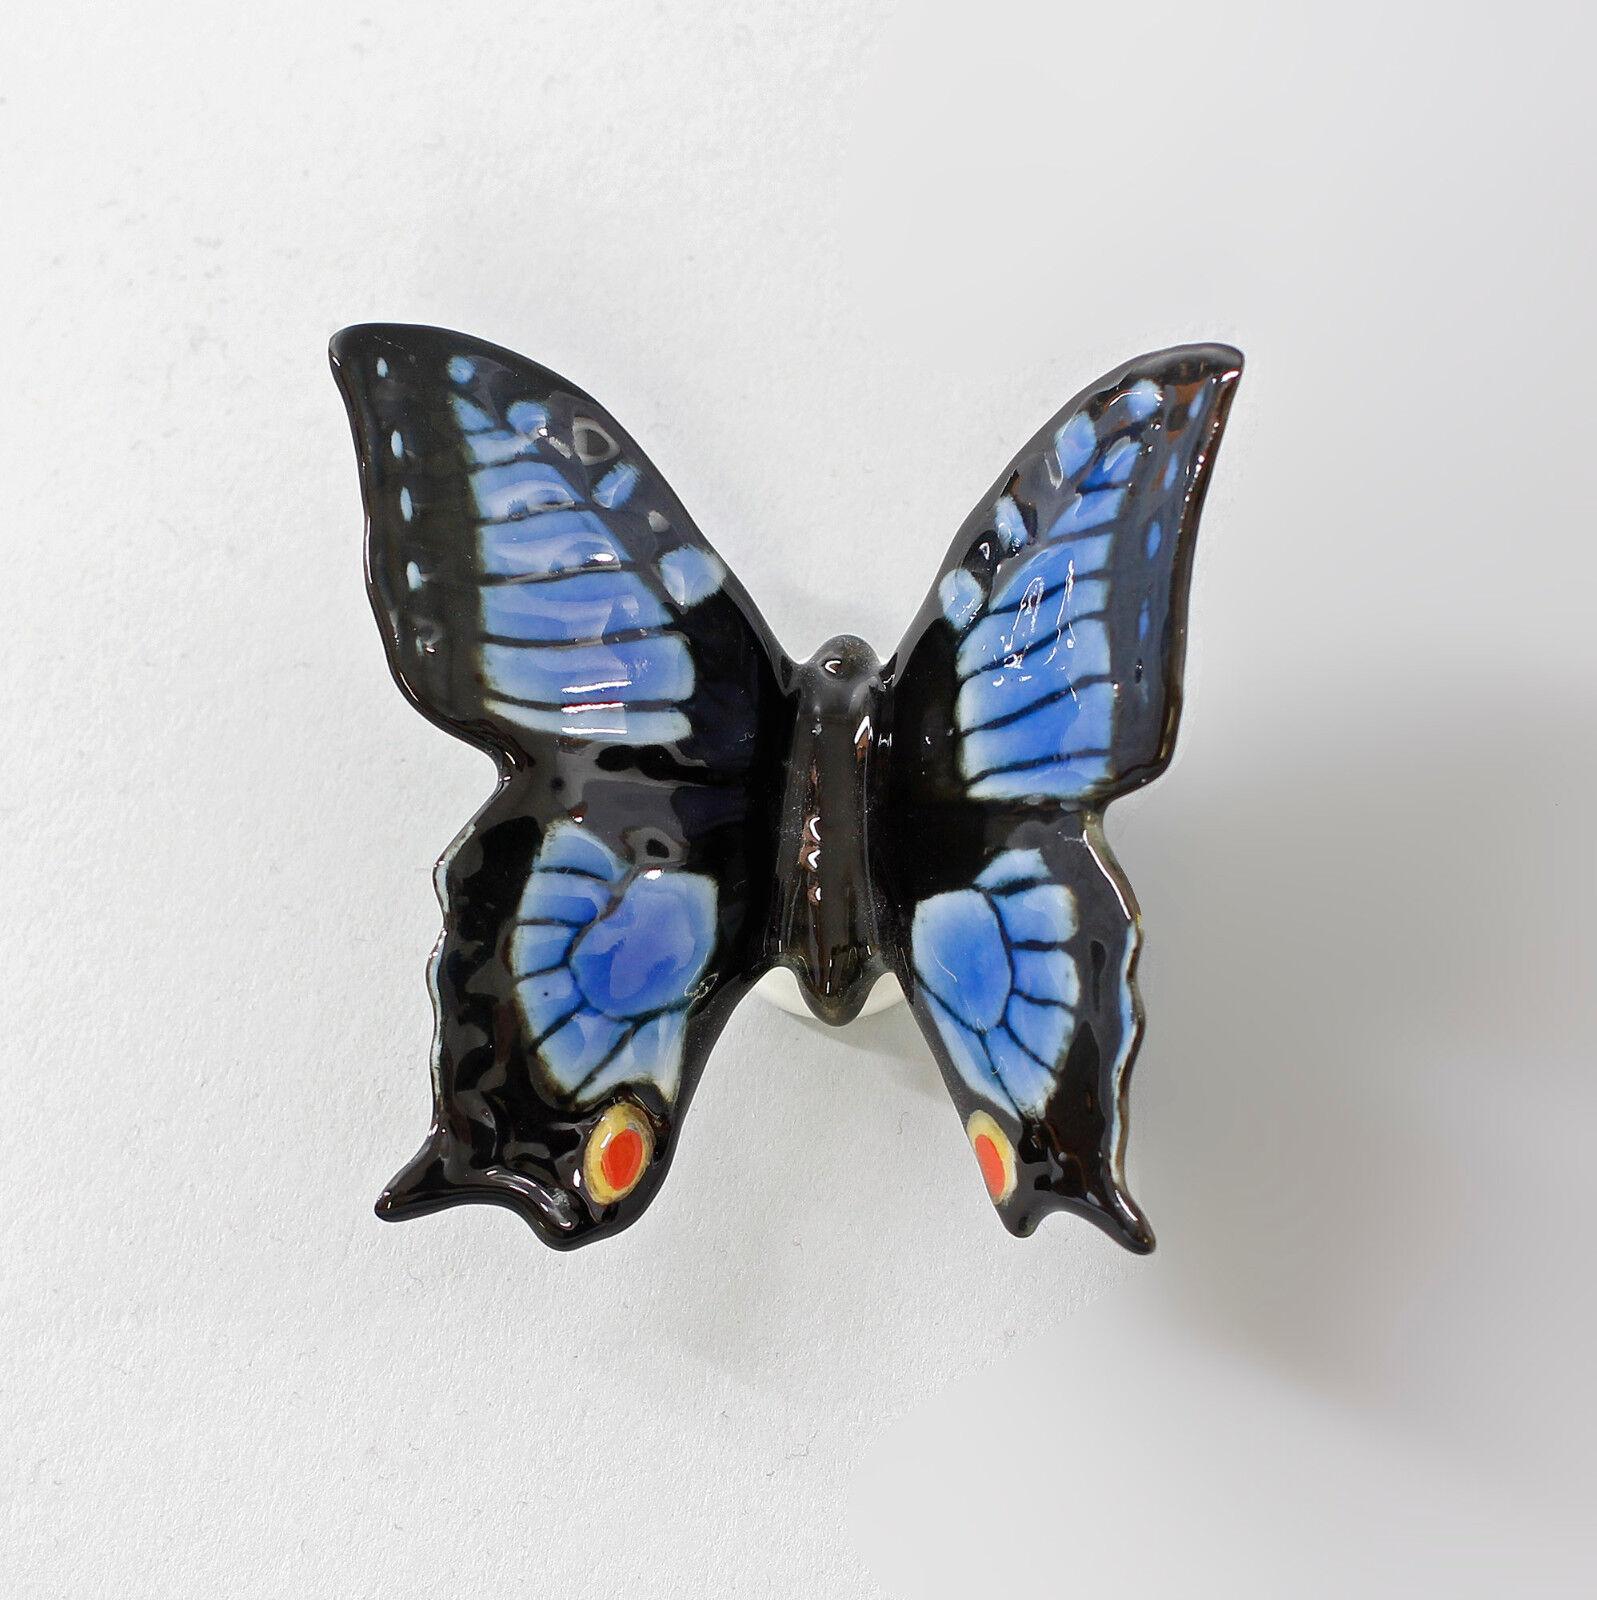 9997521 Porzellan Figur Ens Schmetterling Schmetterling Schmetterling blau B 7 cm H 6,5 cm ba3159